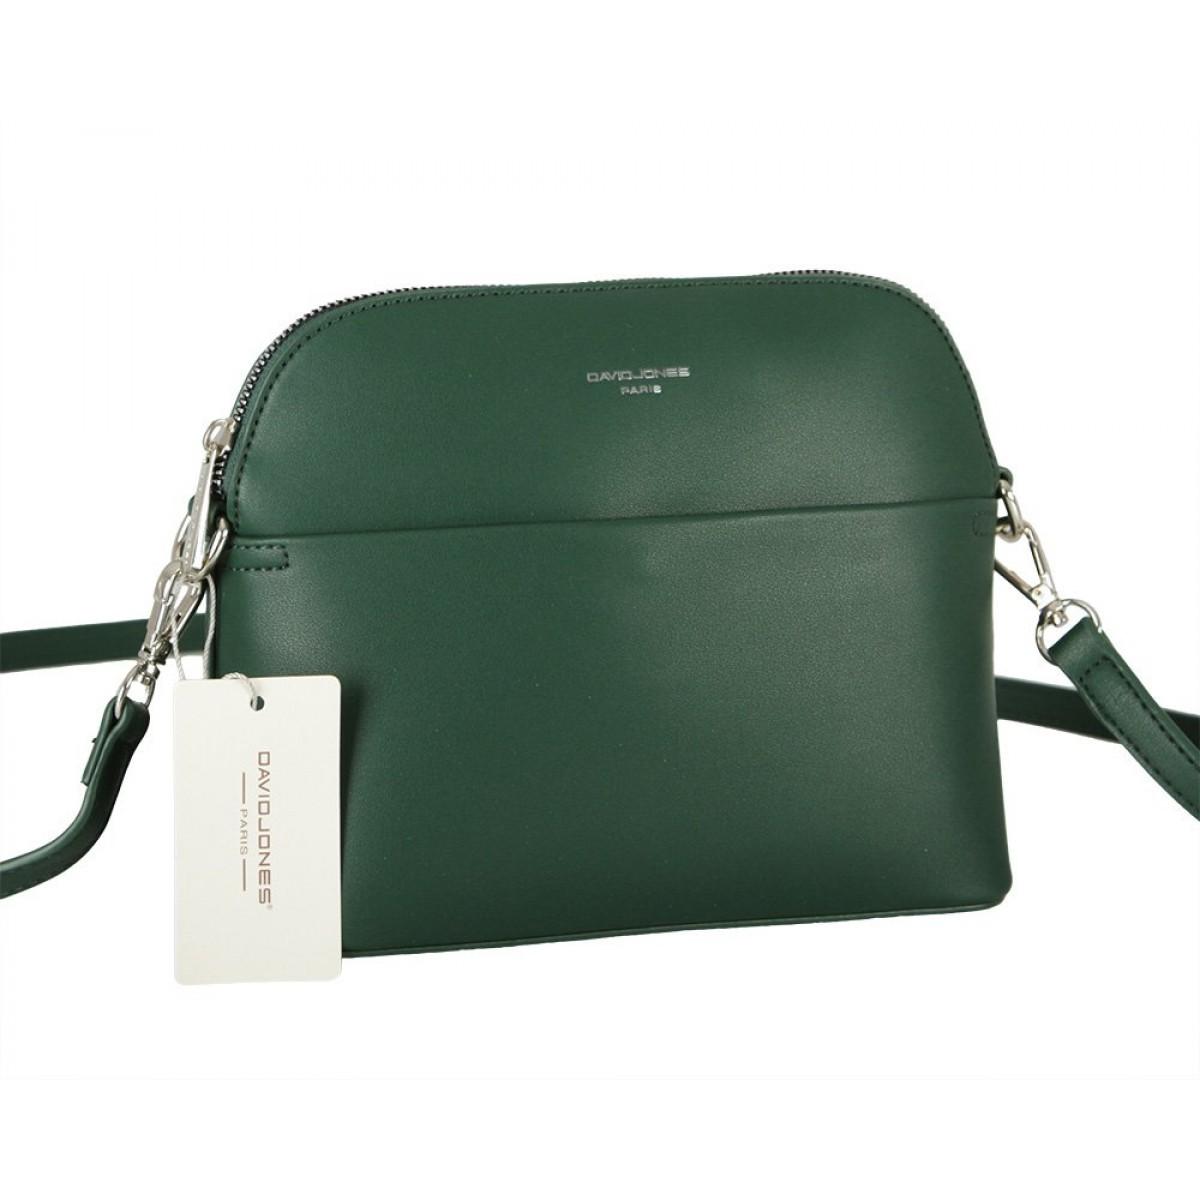 Жіноча сумка David Jones CM5881 D.GREEN